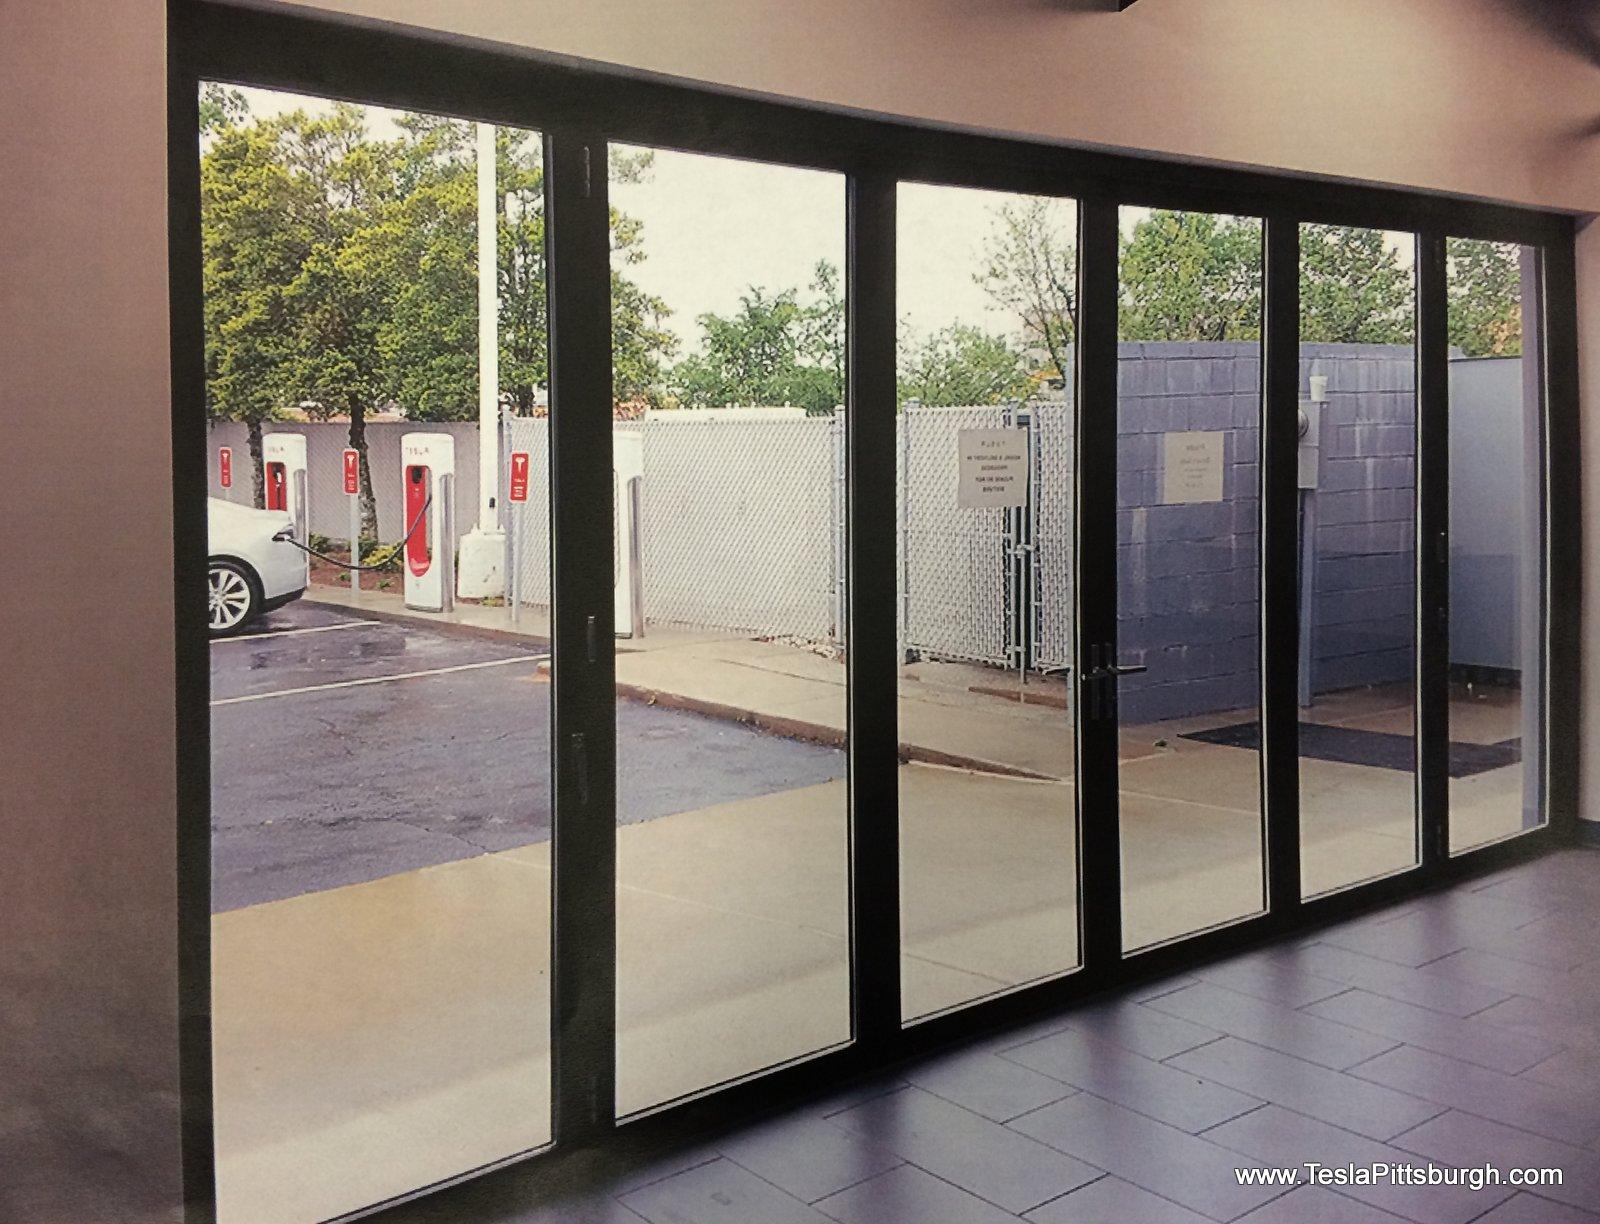 pittsburgh tesla service center door proposal interior